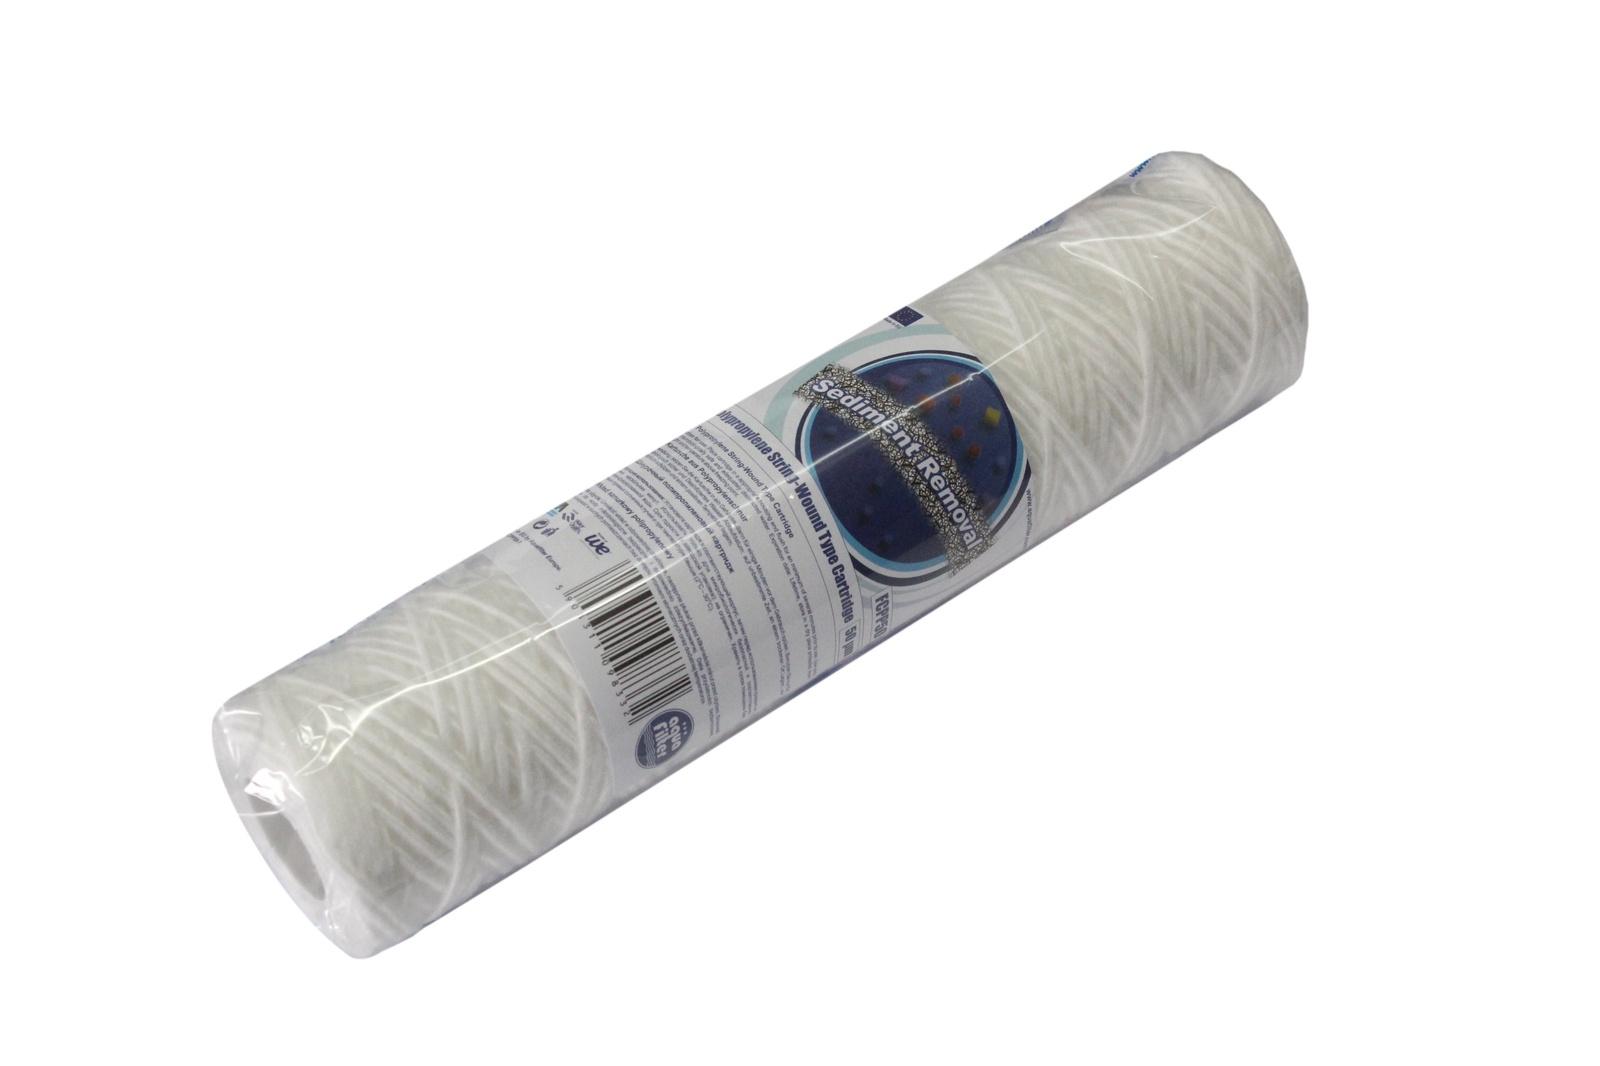 Картридж из полипропиленовой нити 10SL - 20 мкм, Aquafilter FCPP20, 626